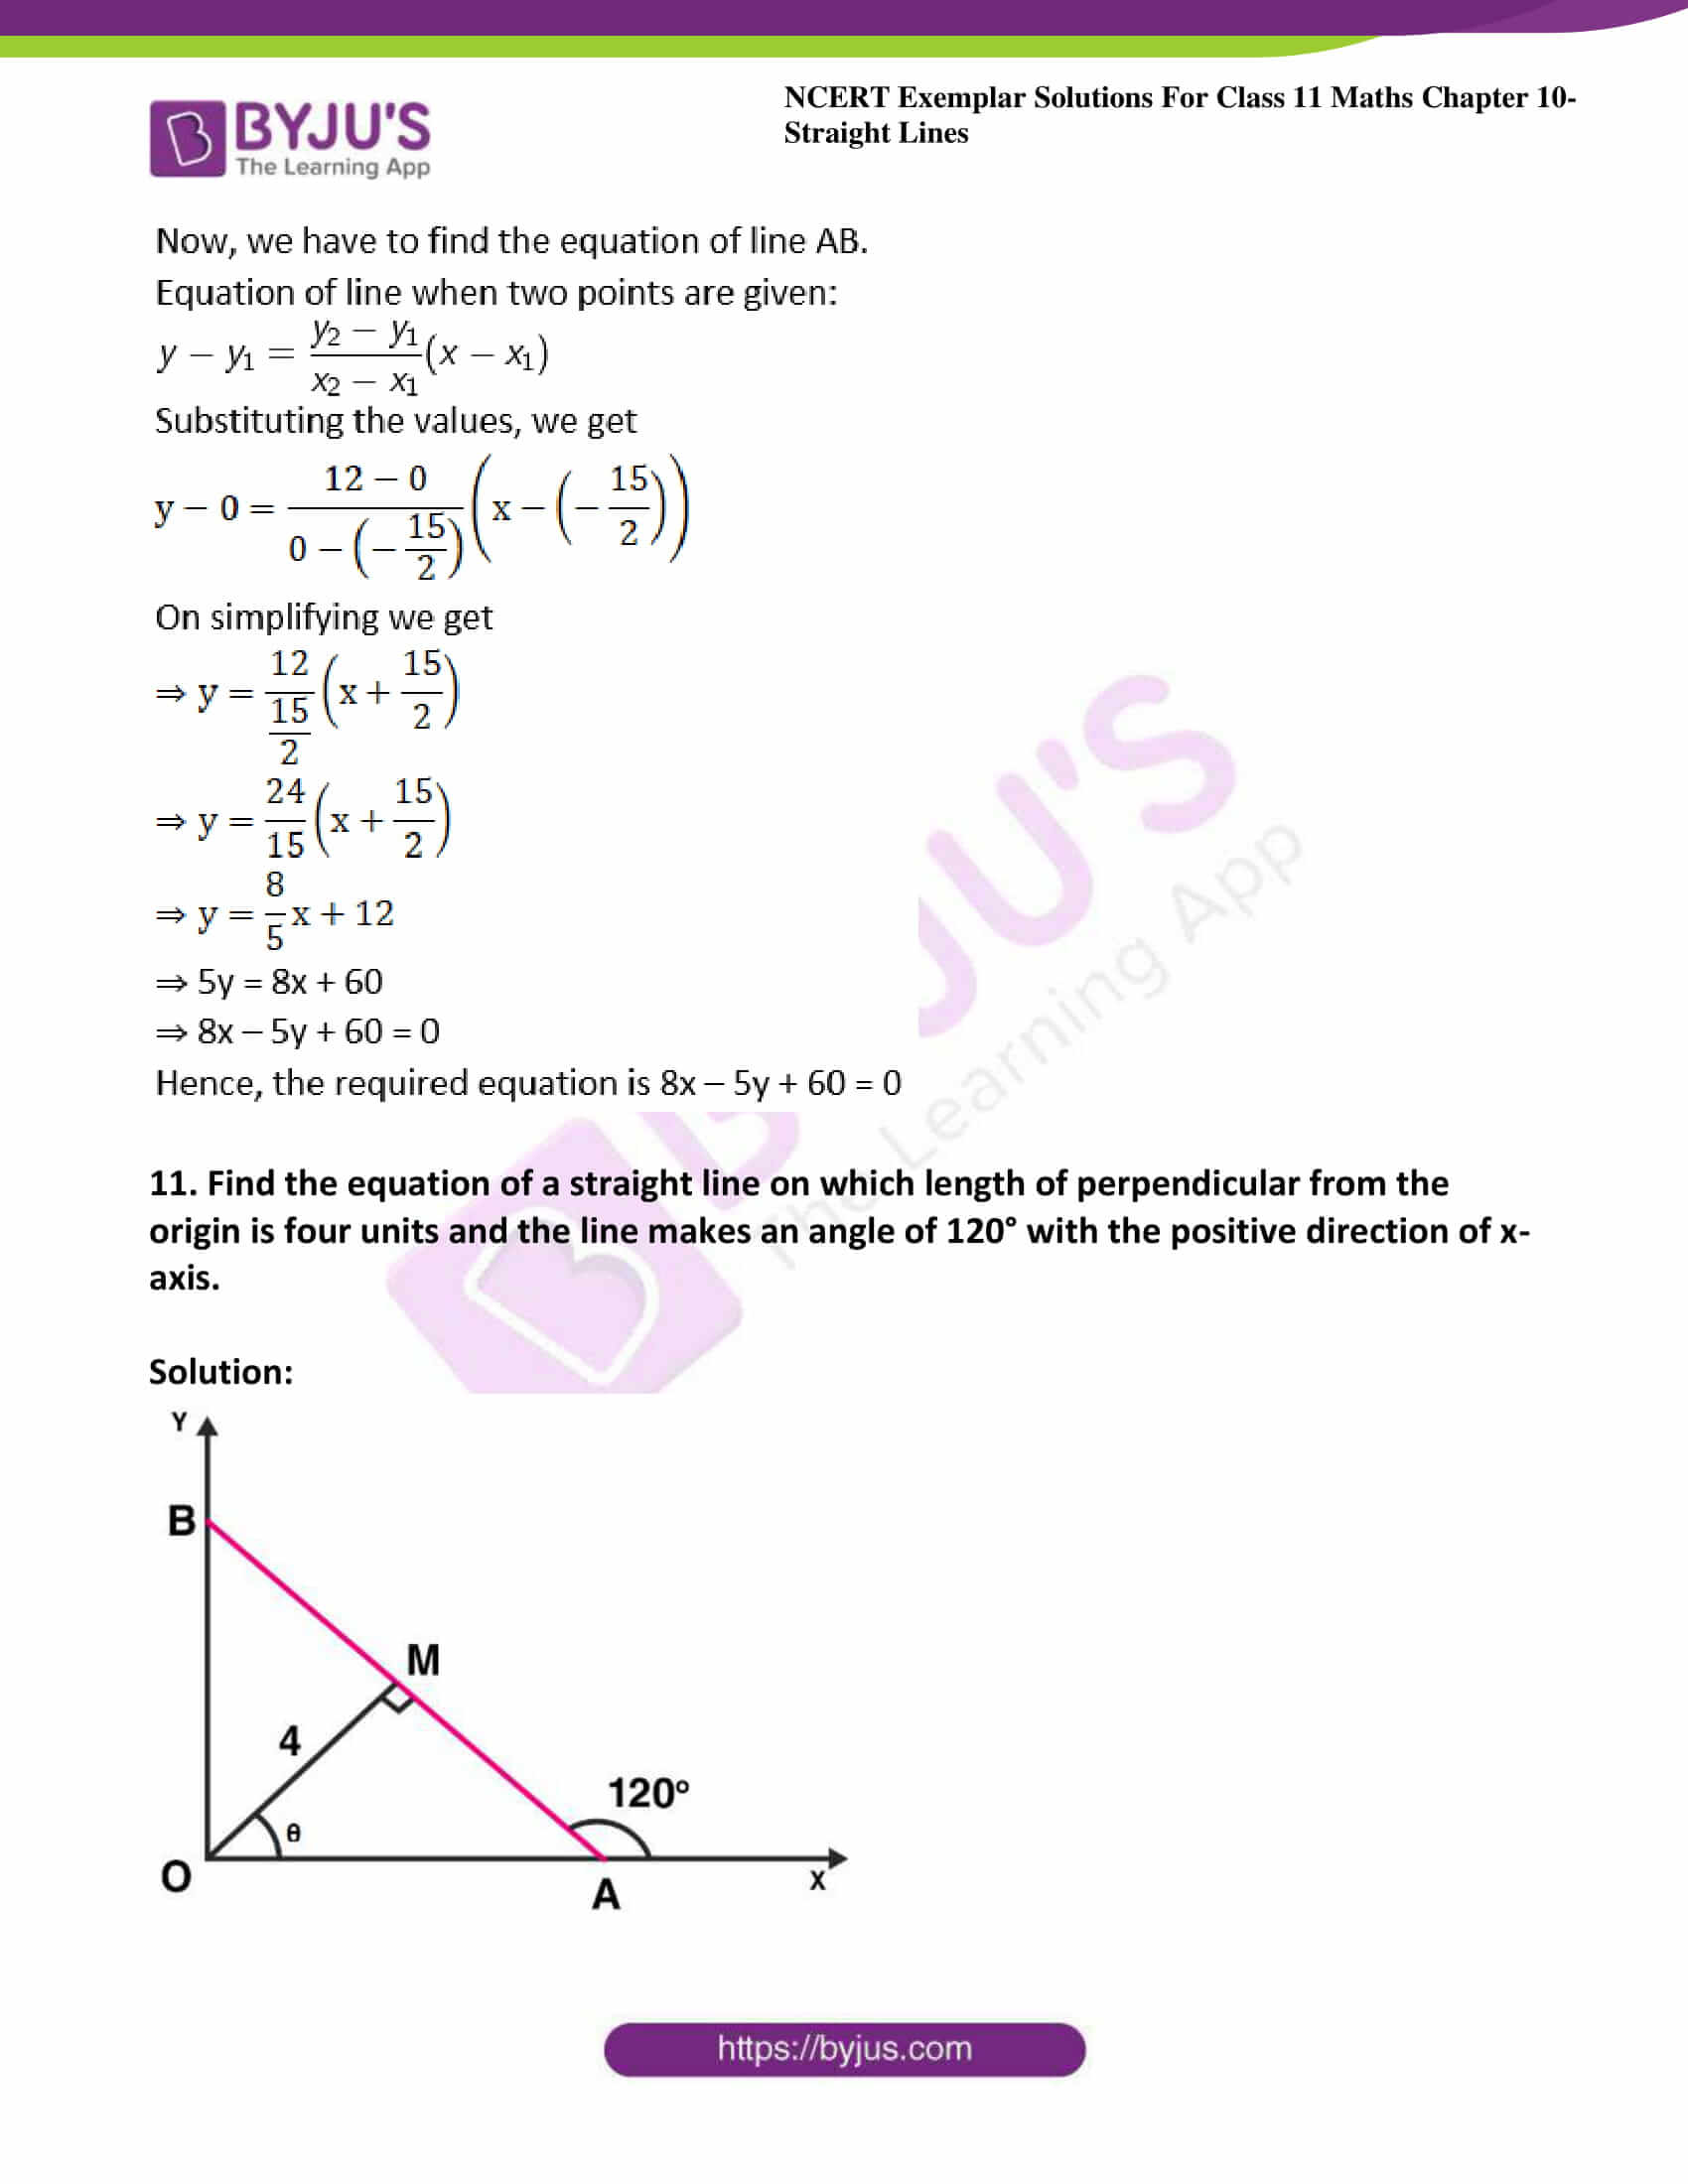 ncert exemplar sol class 11 maths chpt 10 straight lines 12